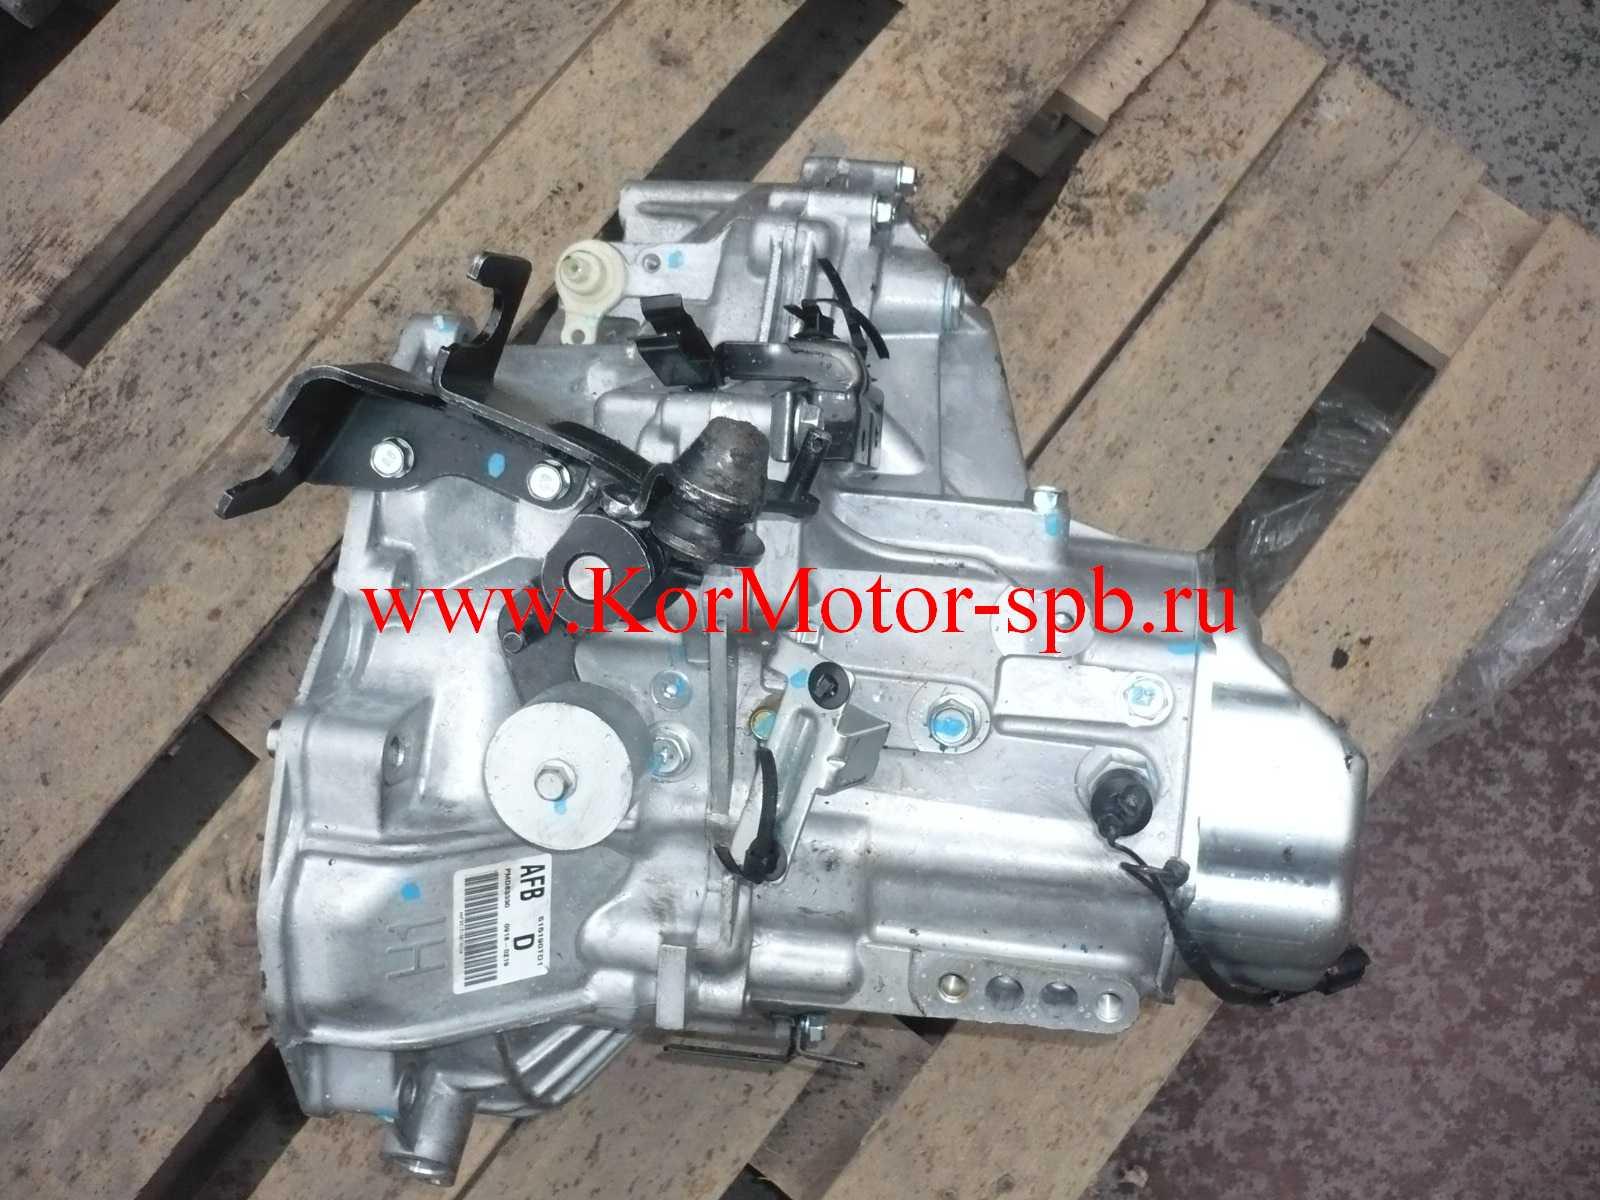 Механика МКПП Шевроле Авео 1.2(Chevrolet Aveo 1.2) 96663733, 96568025, 96620363, 96663734, 78А0029456